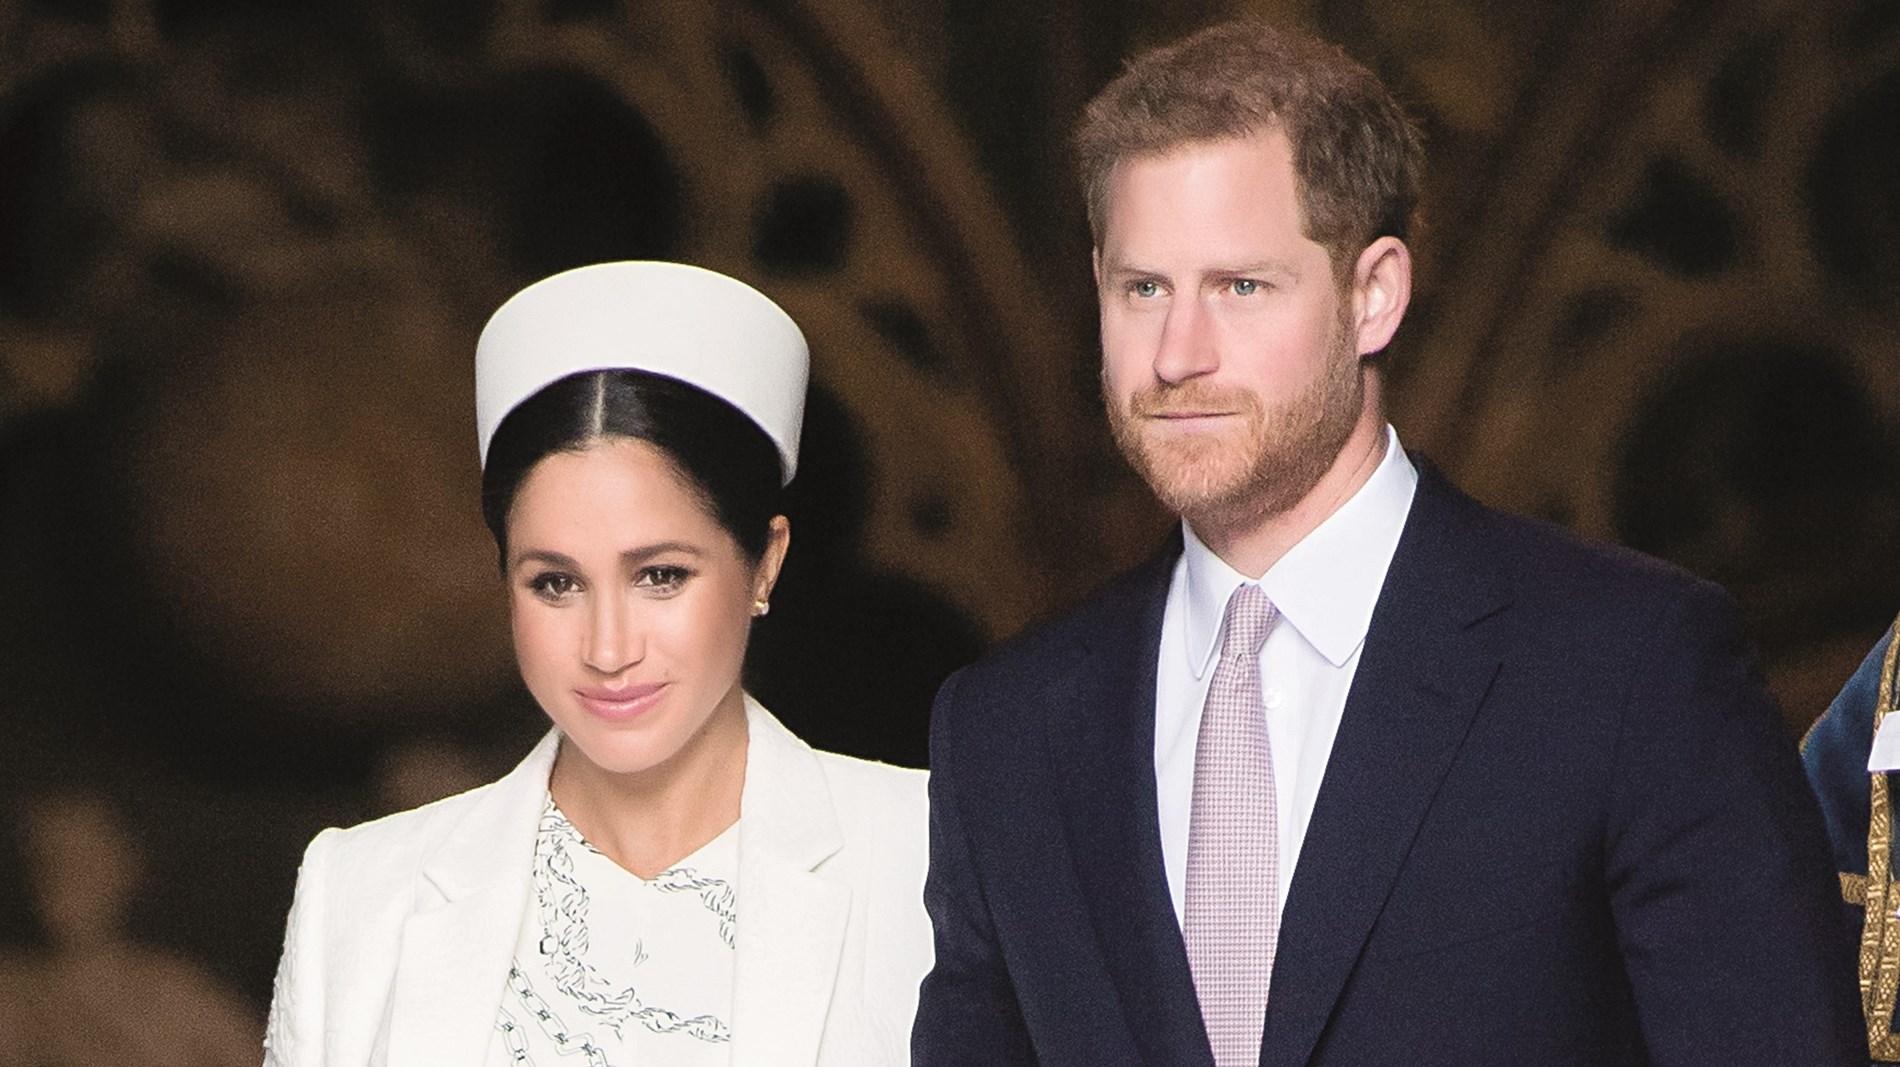 ترشيح مقابلة الأمير هارى وميغان ماركل مع أوبرا وينفري لجائزة «إيمي»